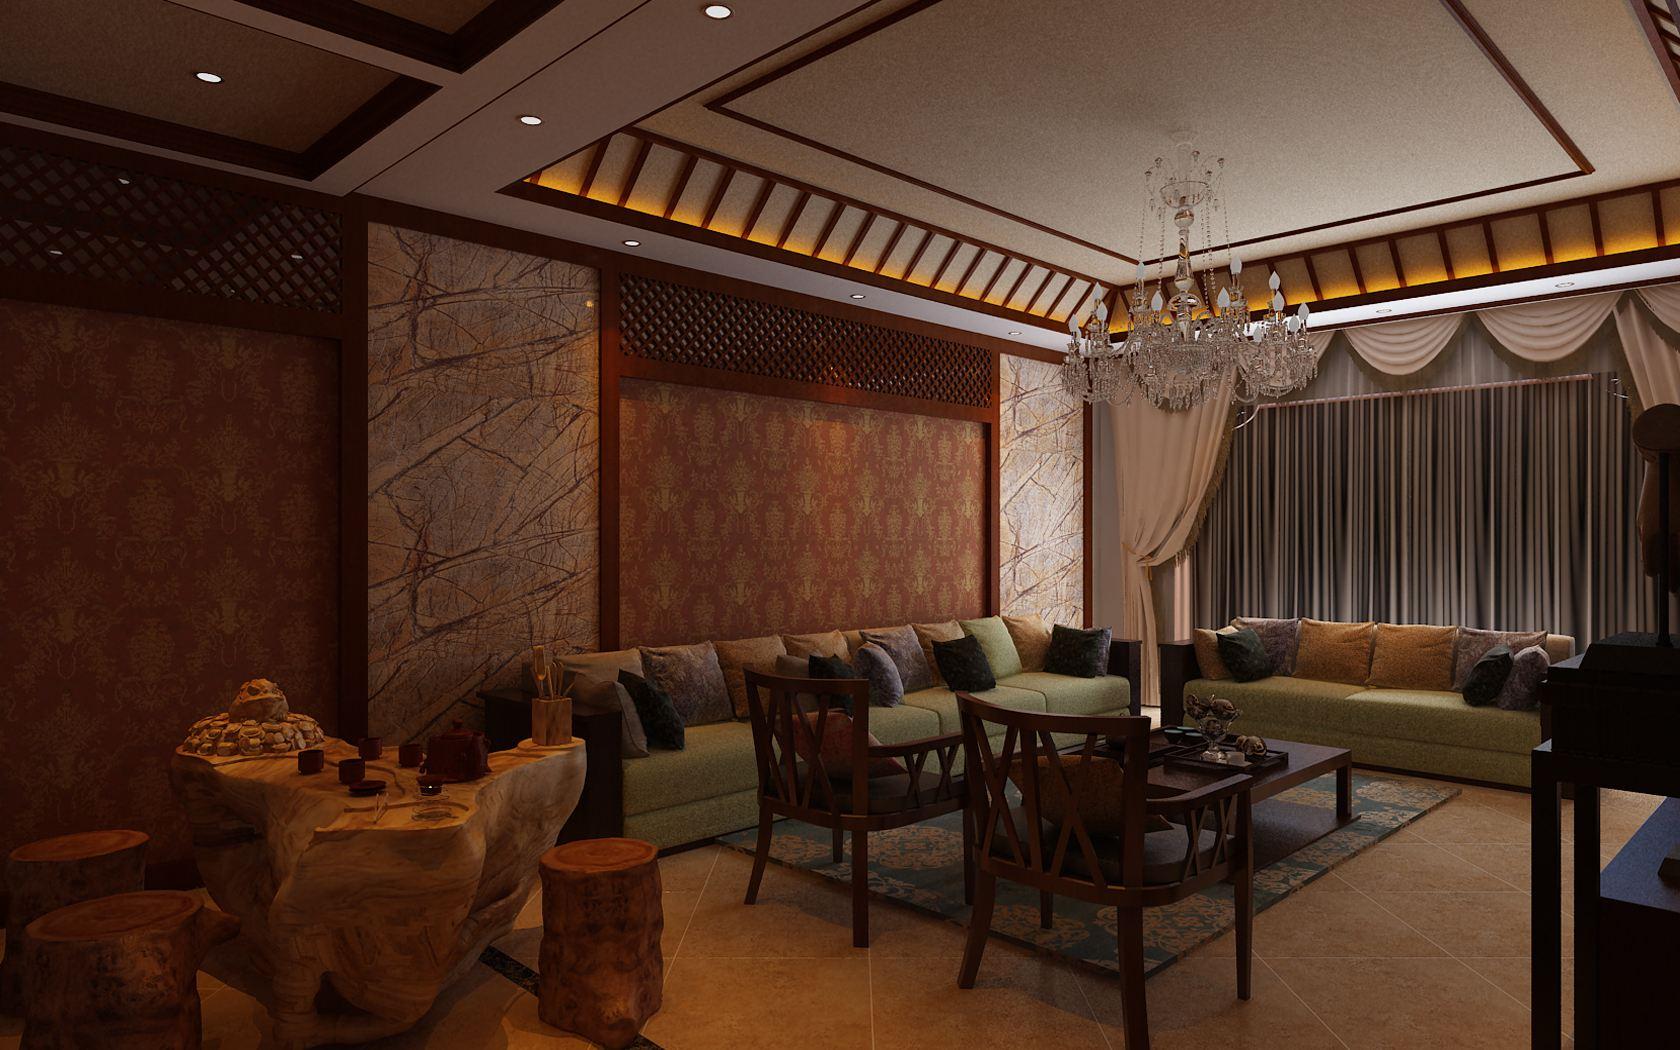 东南亚风格_与欧美的奢华以及日韩的小清新不同,东南亚风格的一切都充满着岛屿的